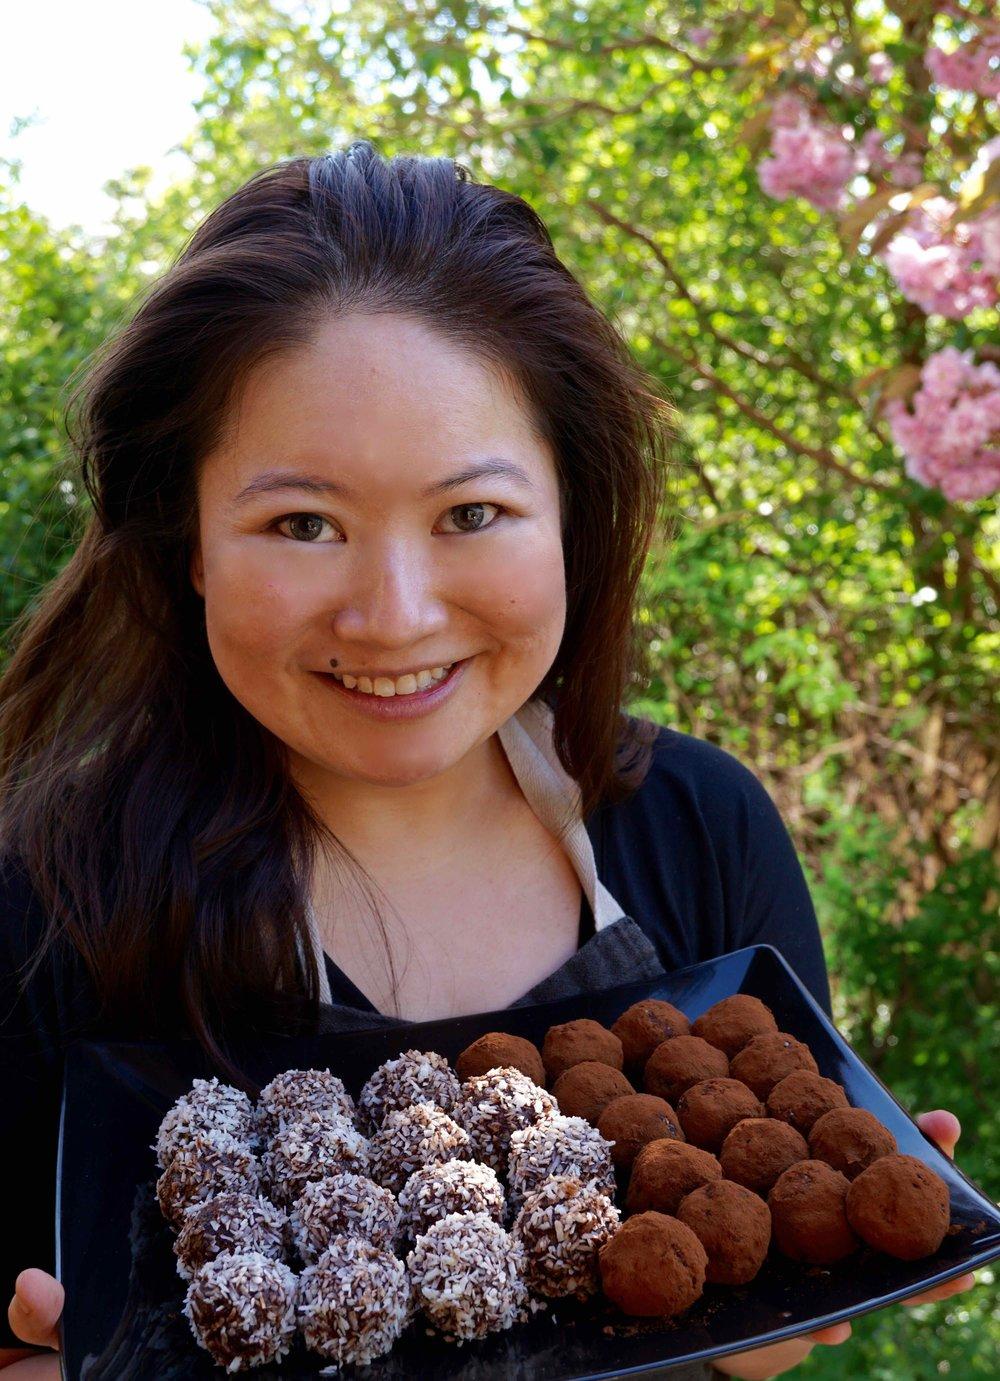 Alaine with Chokladbollar copy.jpg